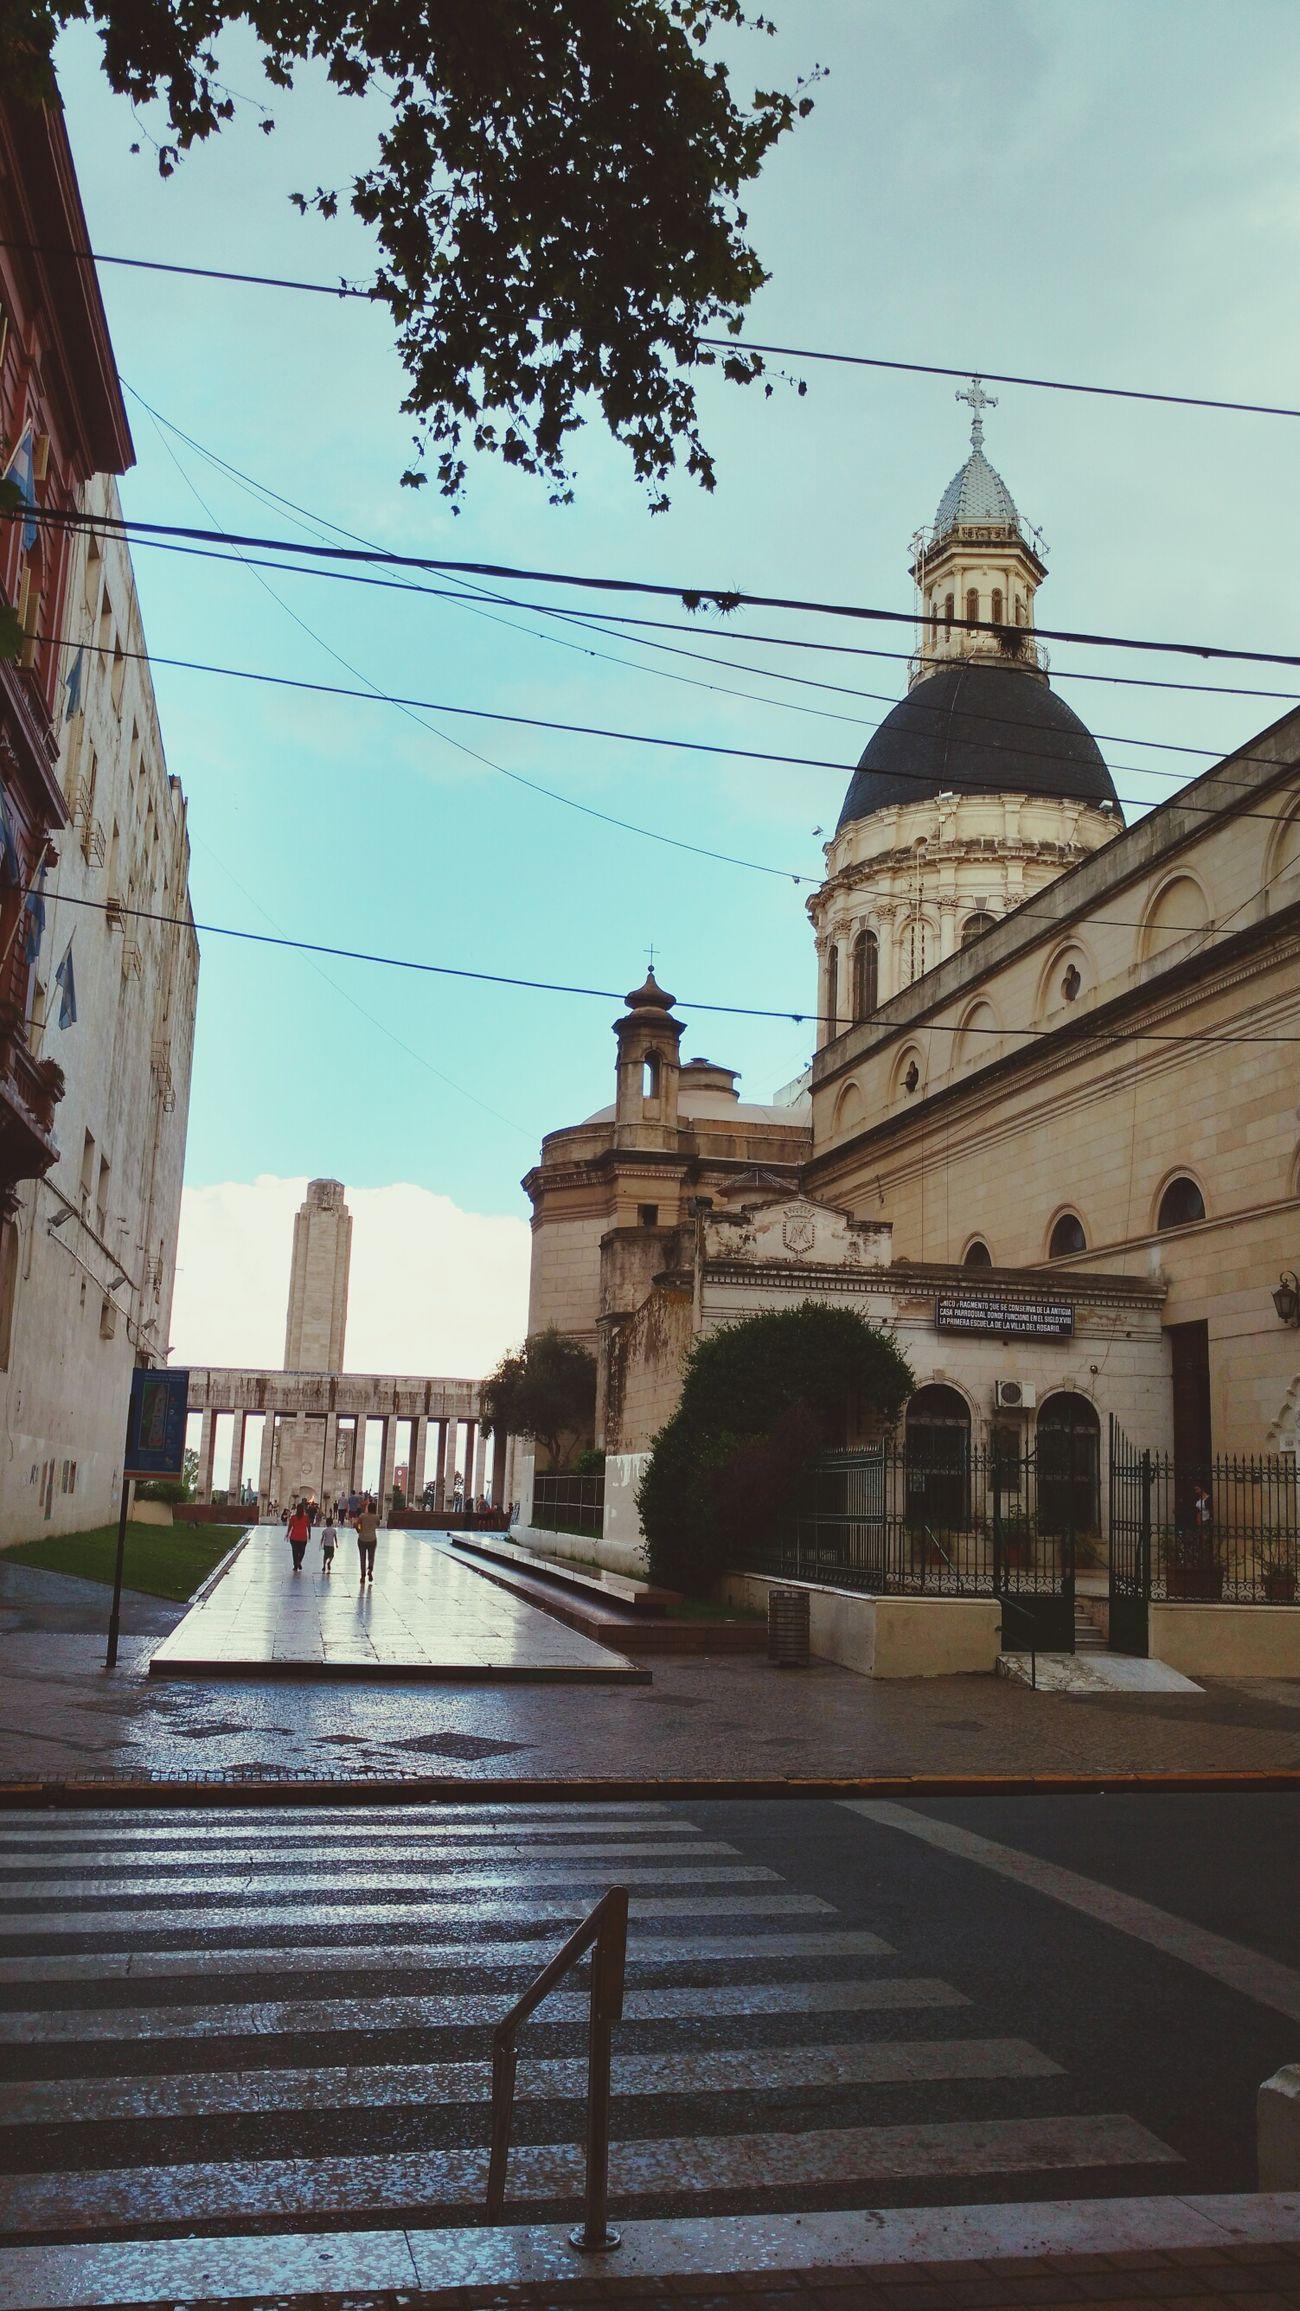 Architecture Travel Destinations City History Catedral Rosario, Argentina Architecture CallesConEncanto RosarioCity Monuments Monumento Nacional A La Bandera Lluvia En La Ciudad Tourism